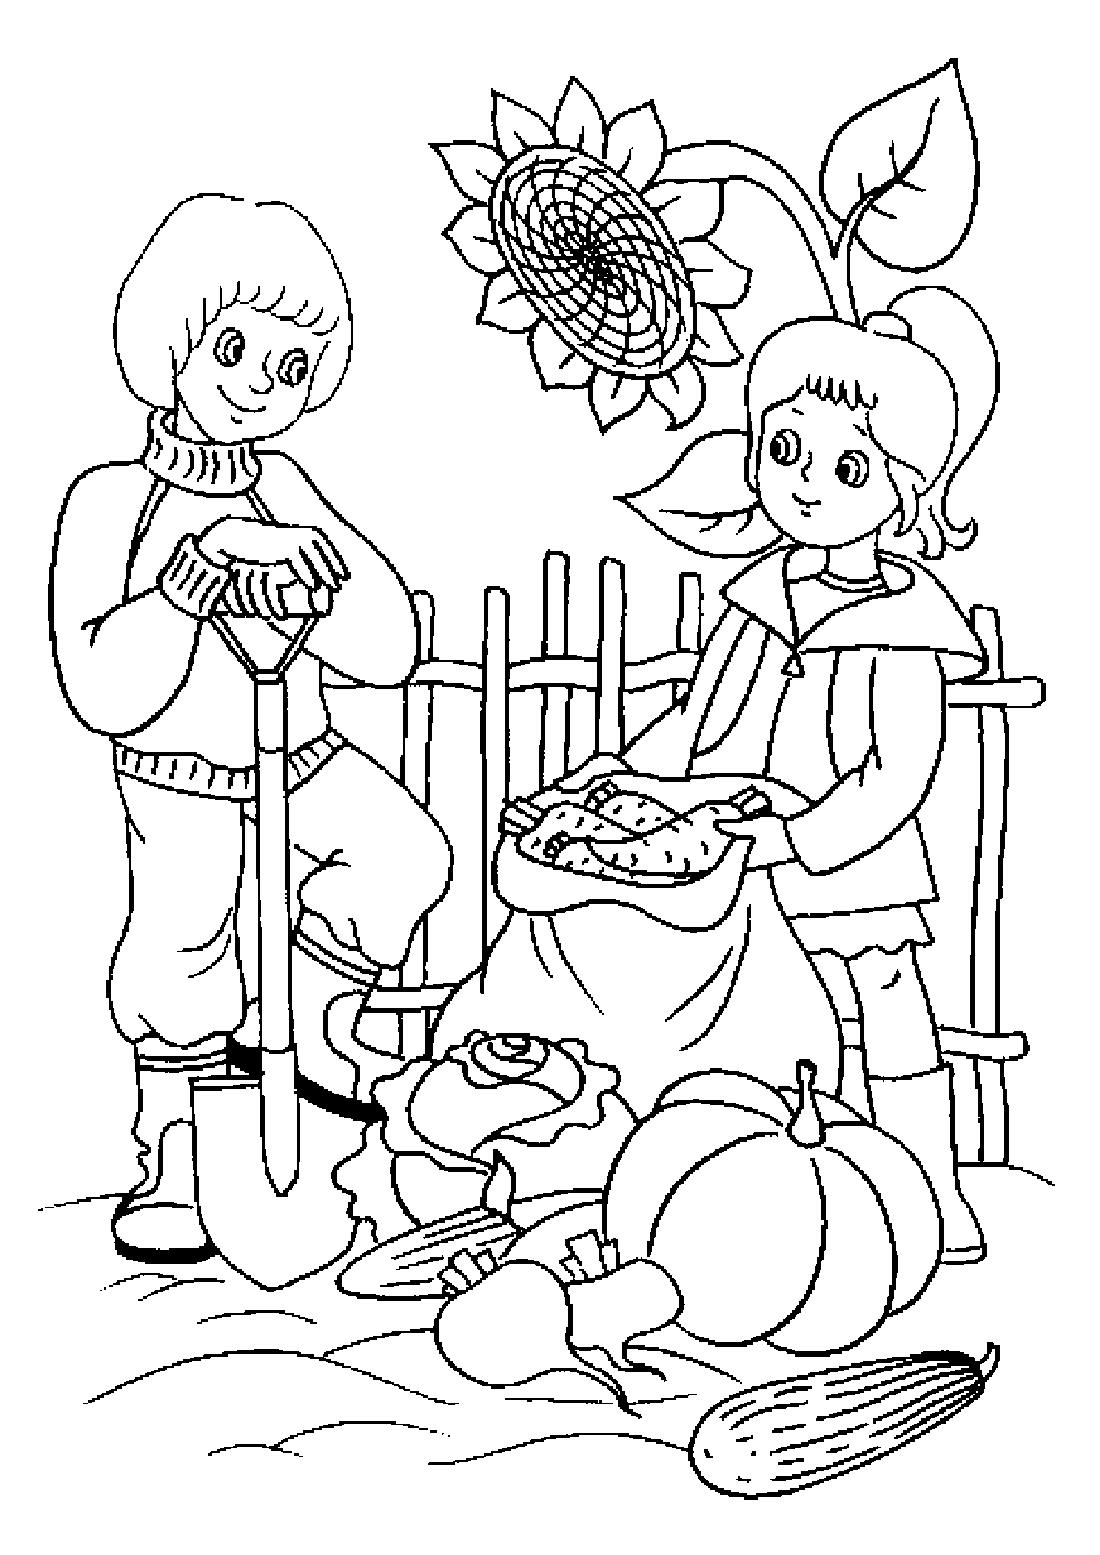 Дети собриают урожай - раскраска №4035   Printonic.ru